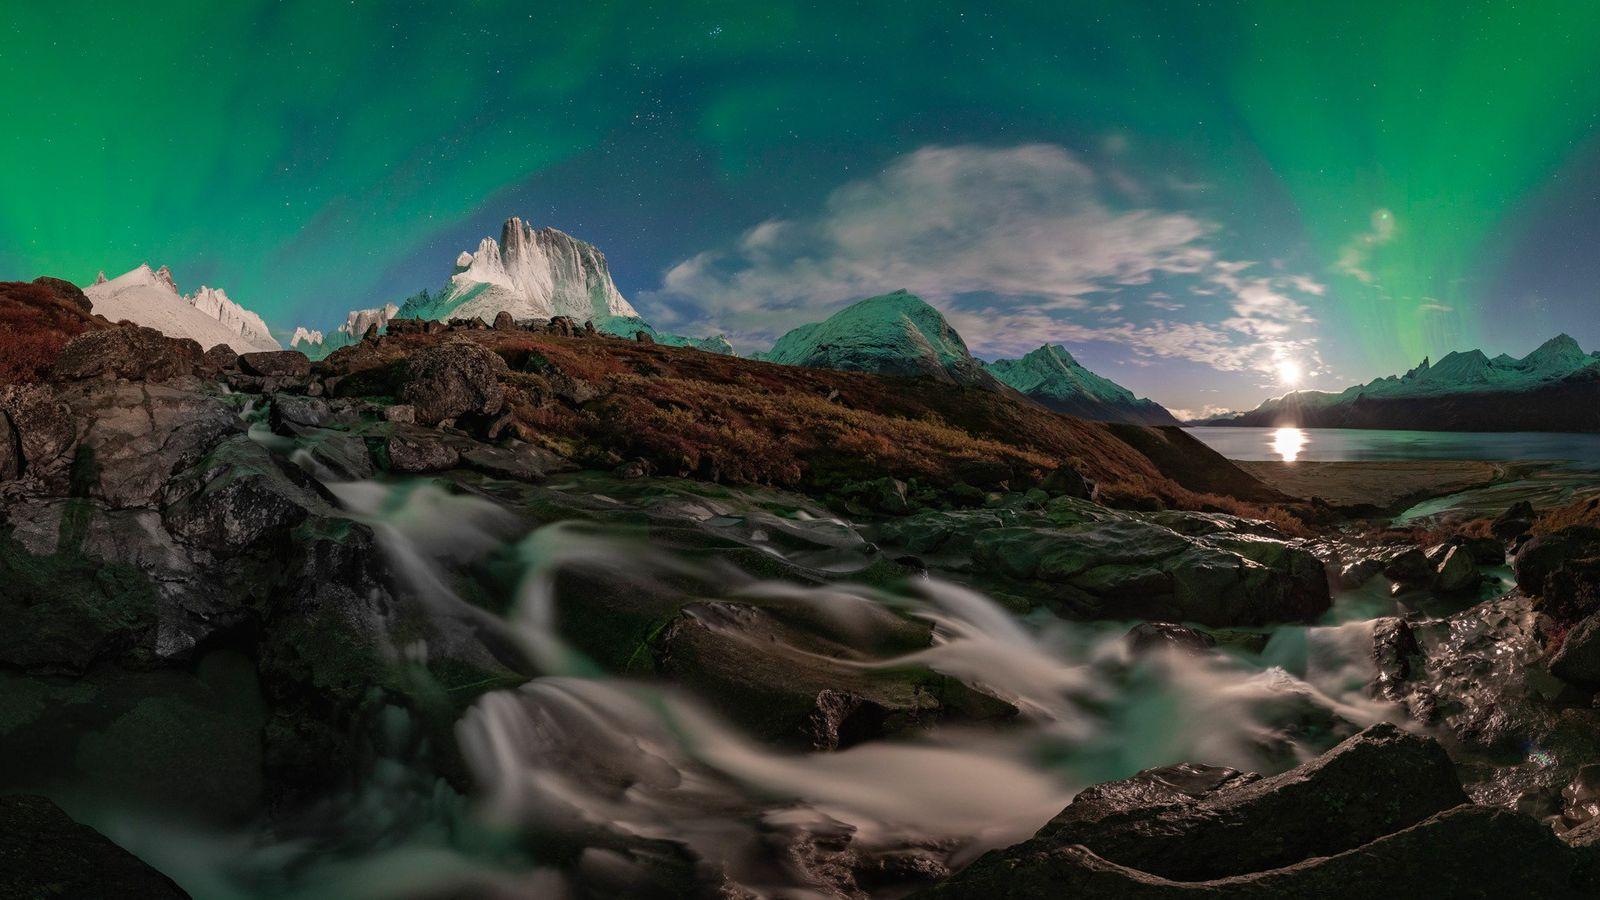 Uma aurora a brilhar contra o céu noturno, perto do fiorde Tasermiut. O fiorde tem montanhas ...